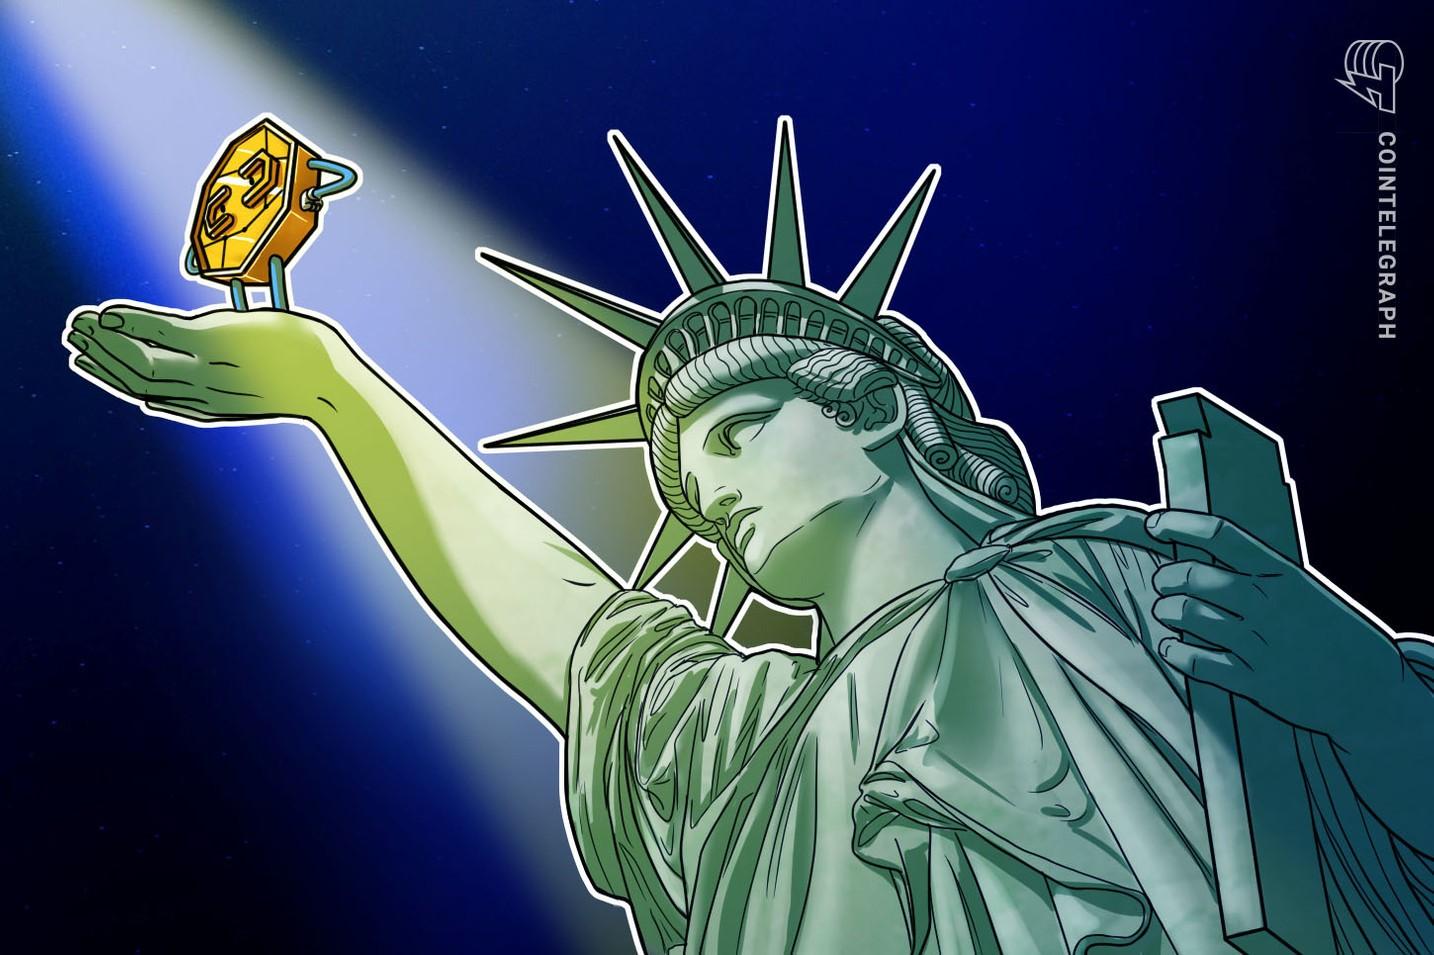 ایالت متحده باید در مسابقه ارزهای دیجیتال بانک های مرکزی برنده شود تا دلار ارز ذخیره جهان باقی بماند